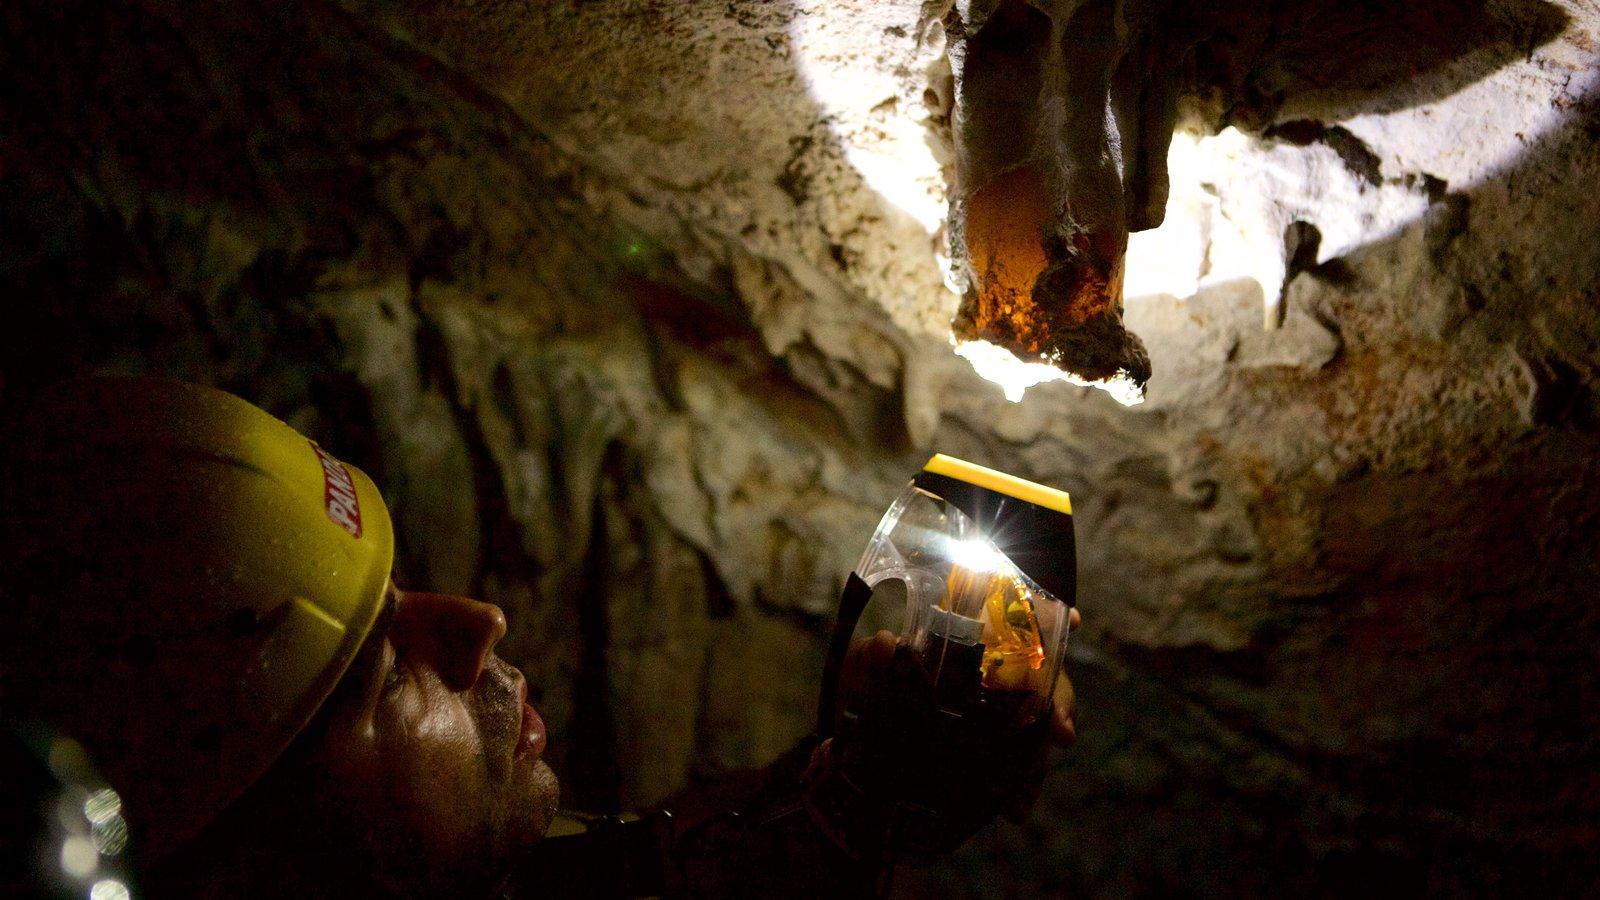 Grutas de São Miguel que inclui cavernas assim como um homem sozinho